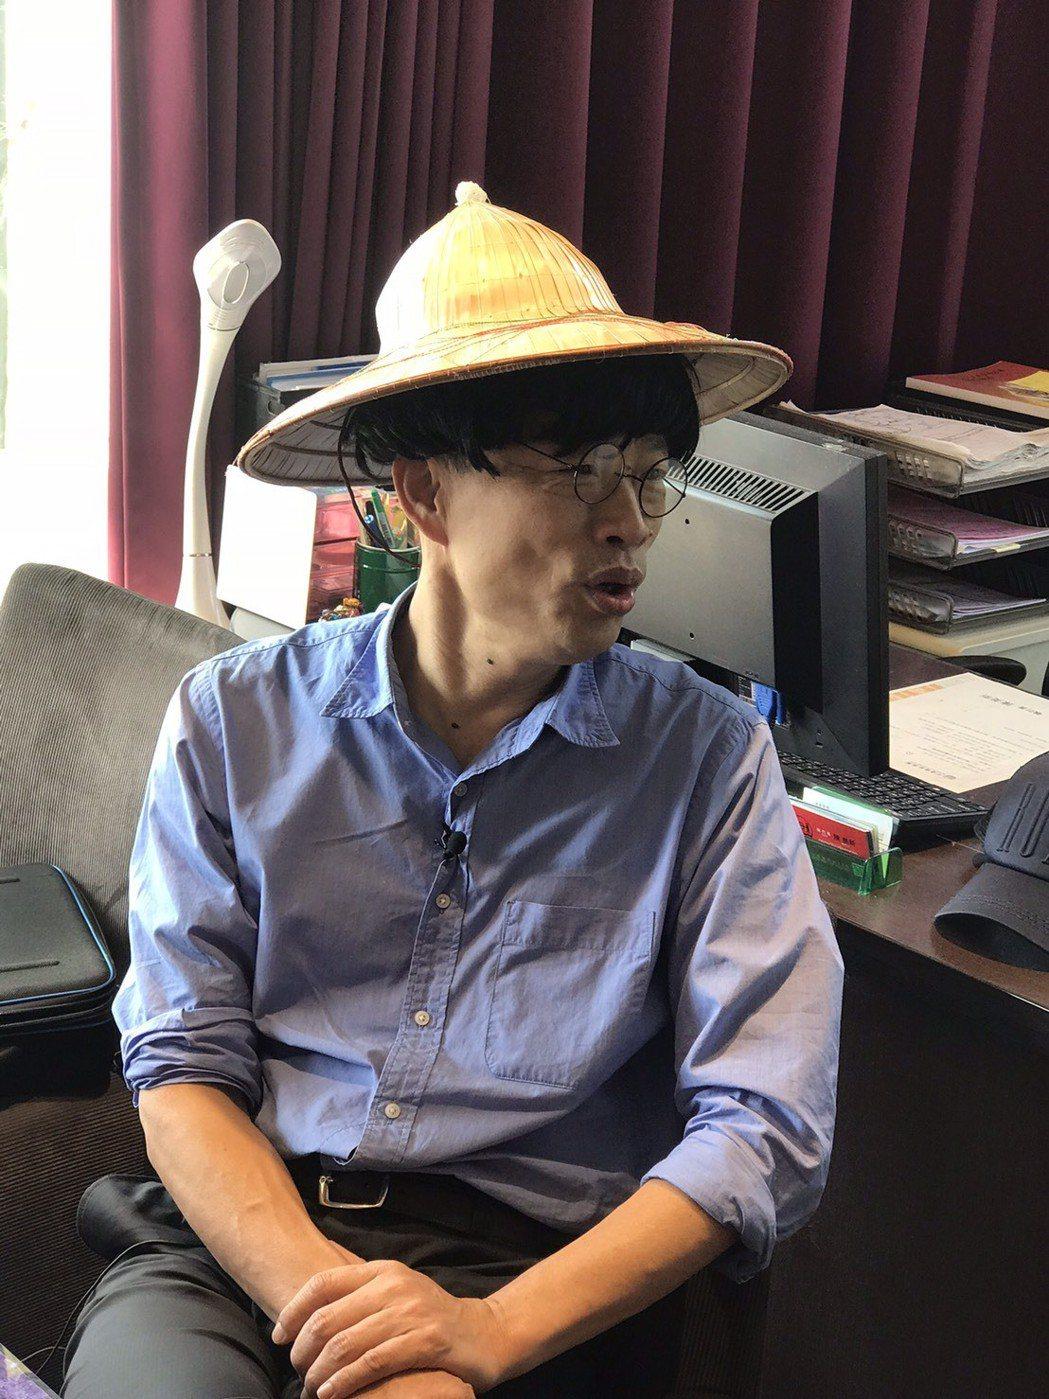 韓國瑜(左)和沈玉琳合作網路節目「謝謝琳來了」。圖/聲仕傳媒工作室提供